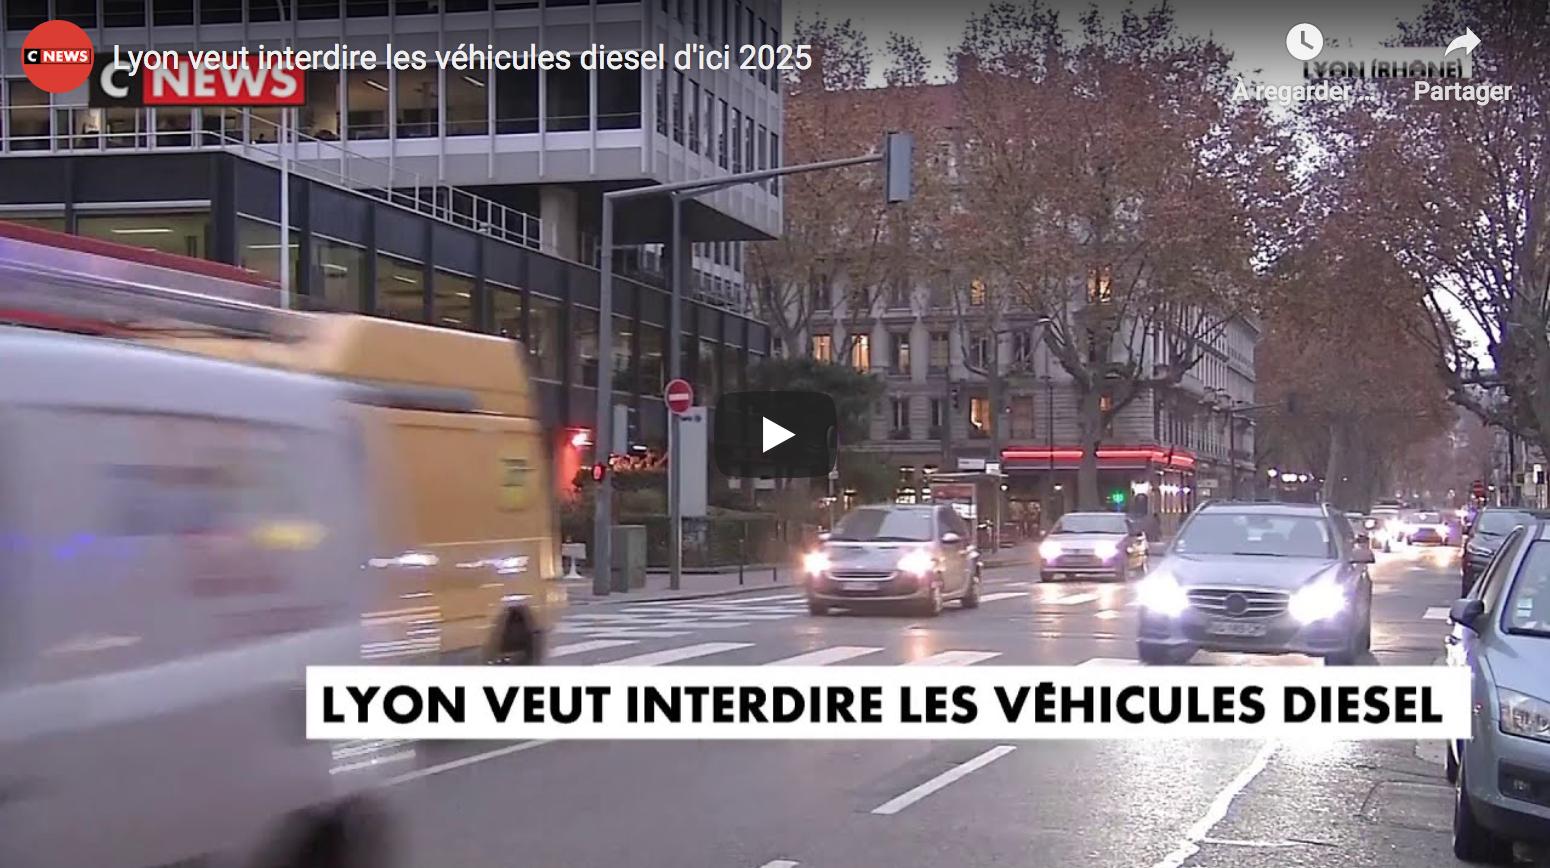 À cause de son maire extrémiste, Lyon veut interdire les véhicules diesel (70% du parc automobile actuel) d'ici… 2025